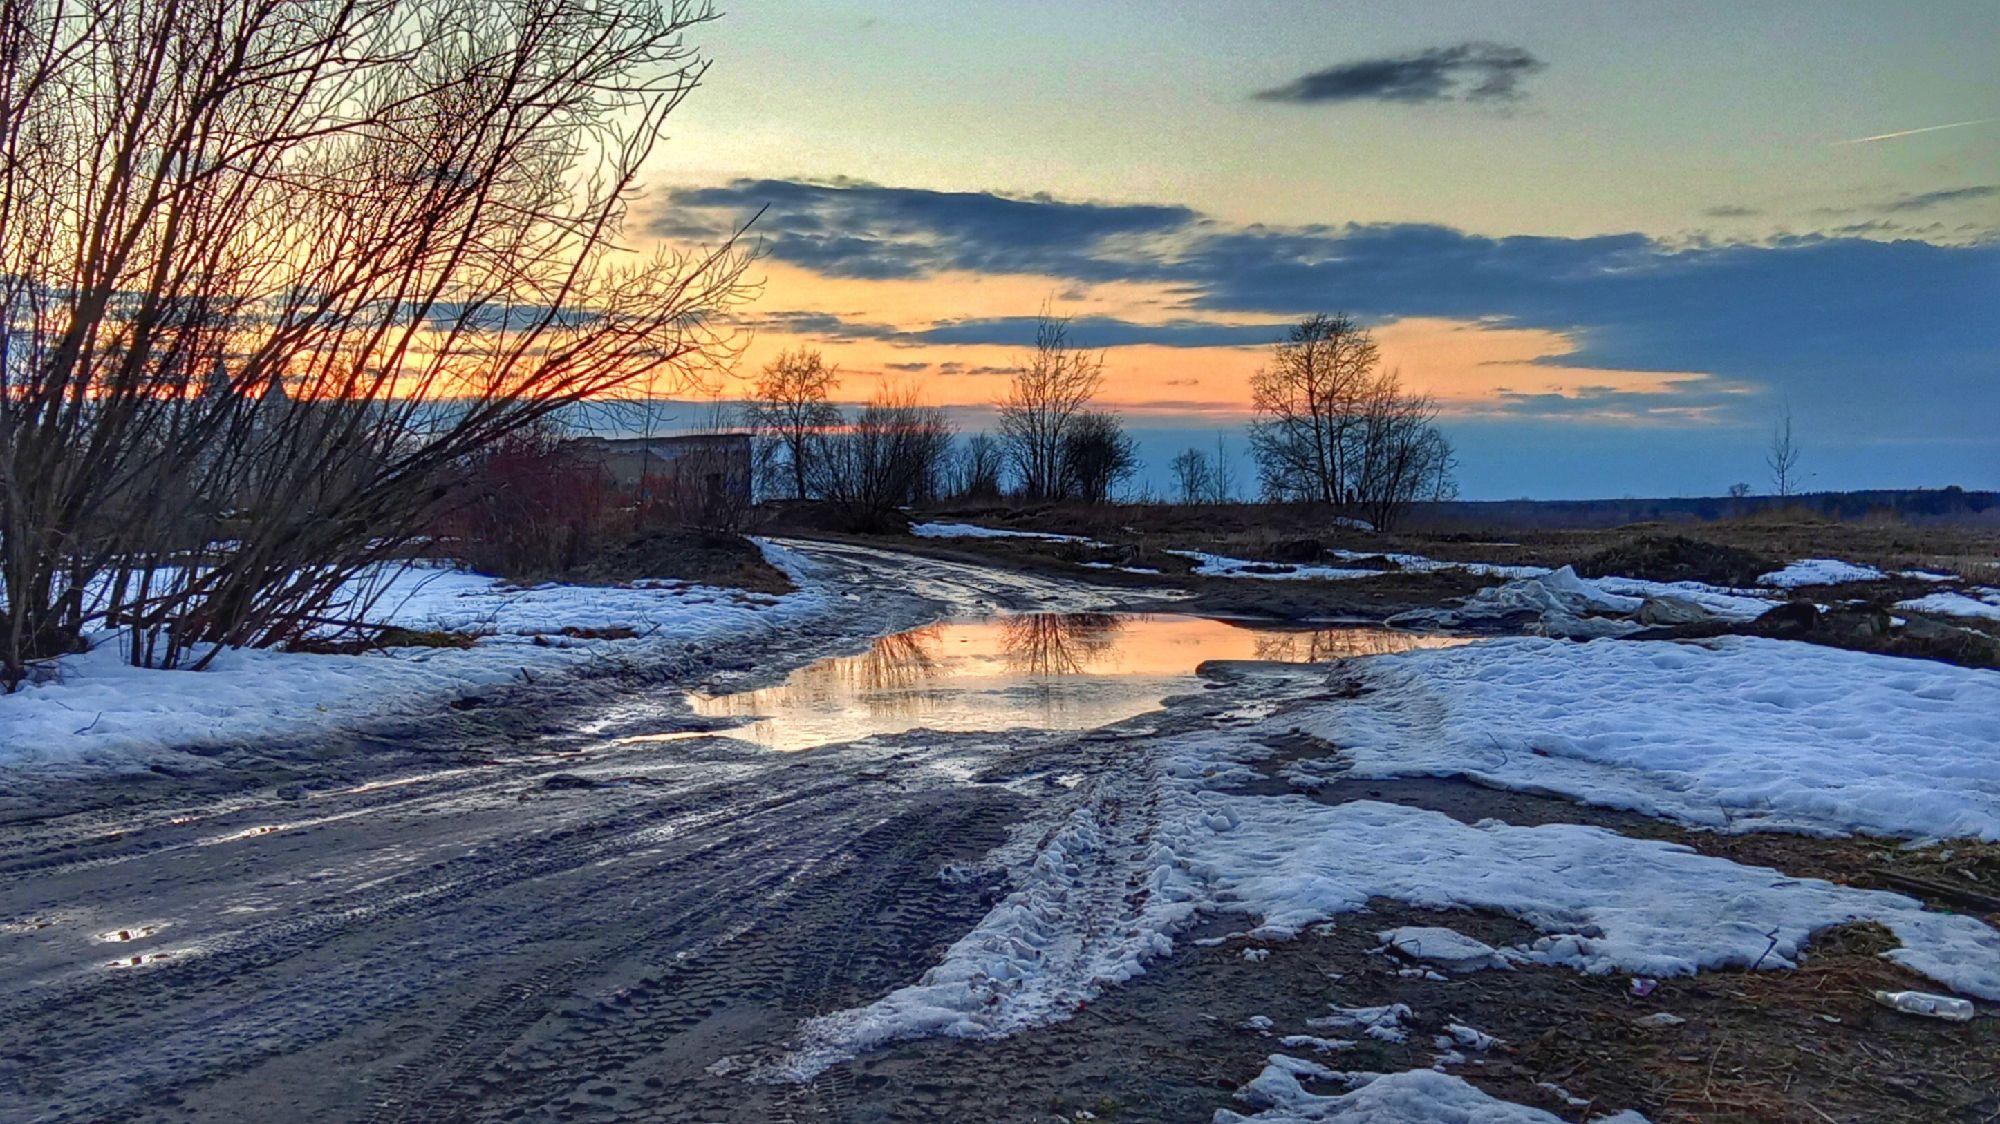 8. Апрель в Коряжме красивый на снежные закаты и рассветы с отражением в лужах:)